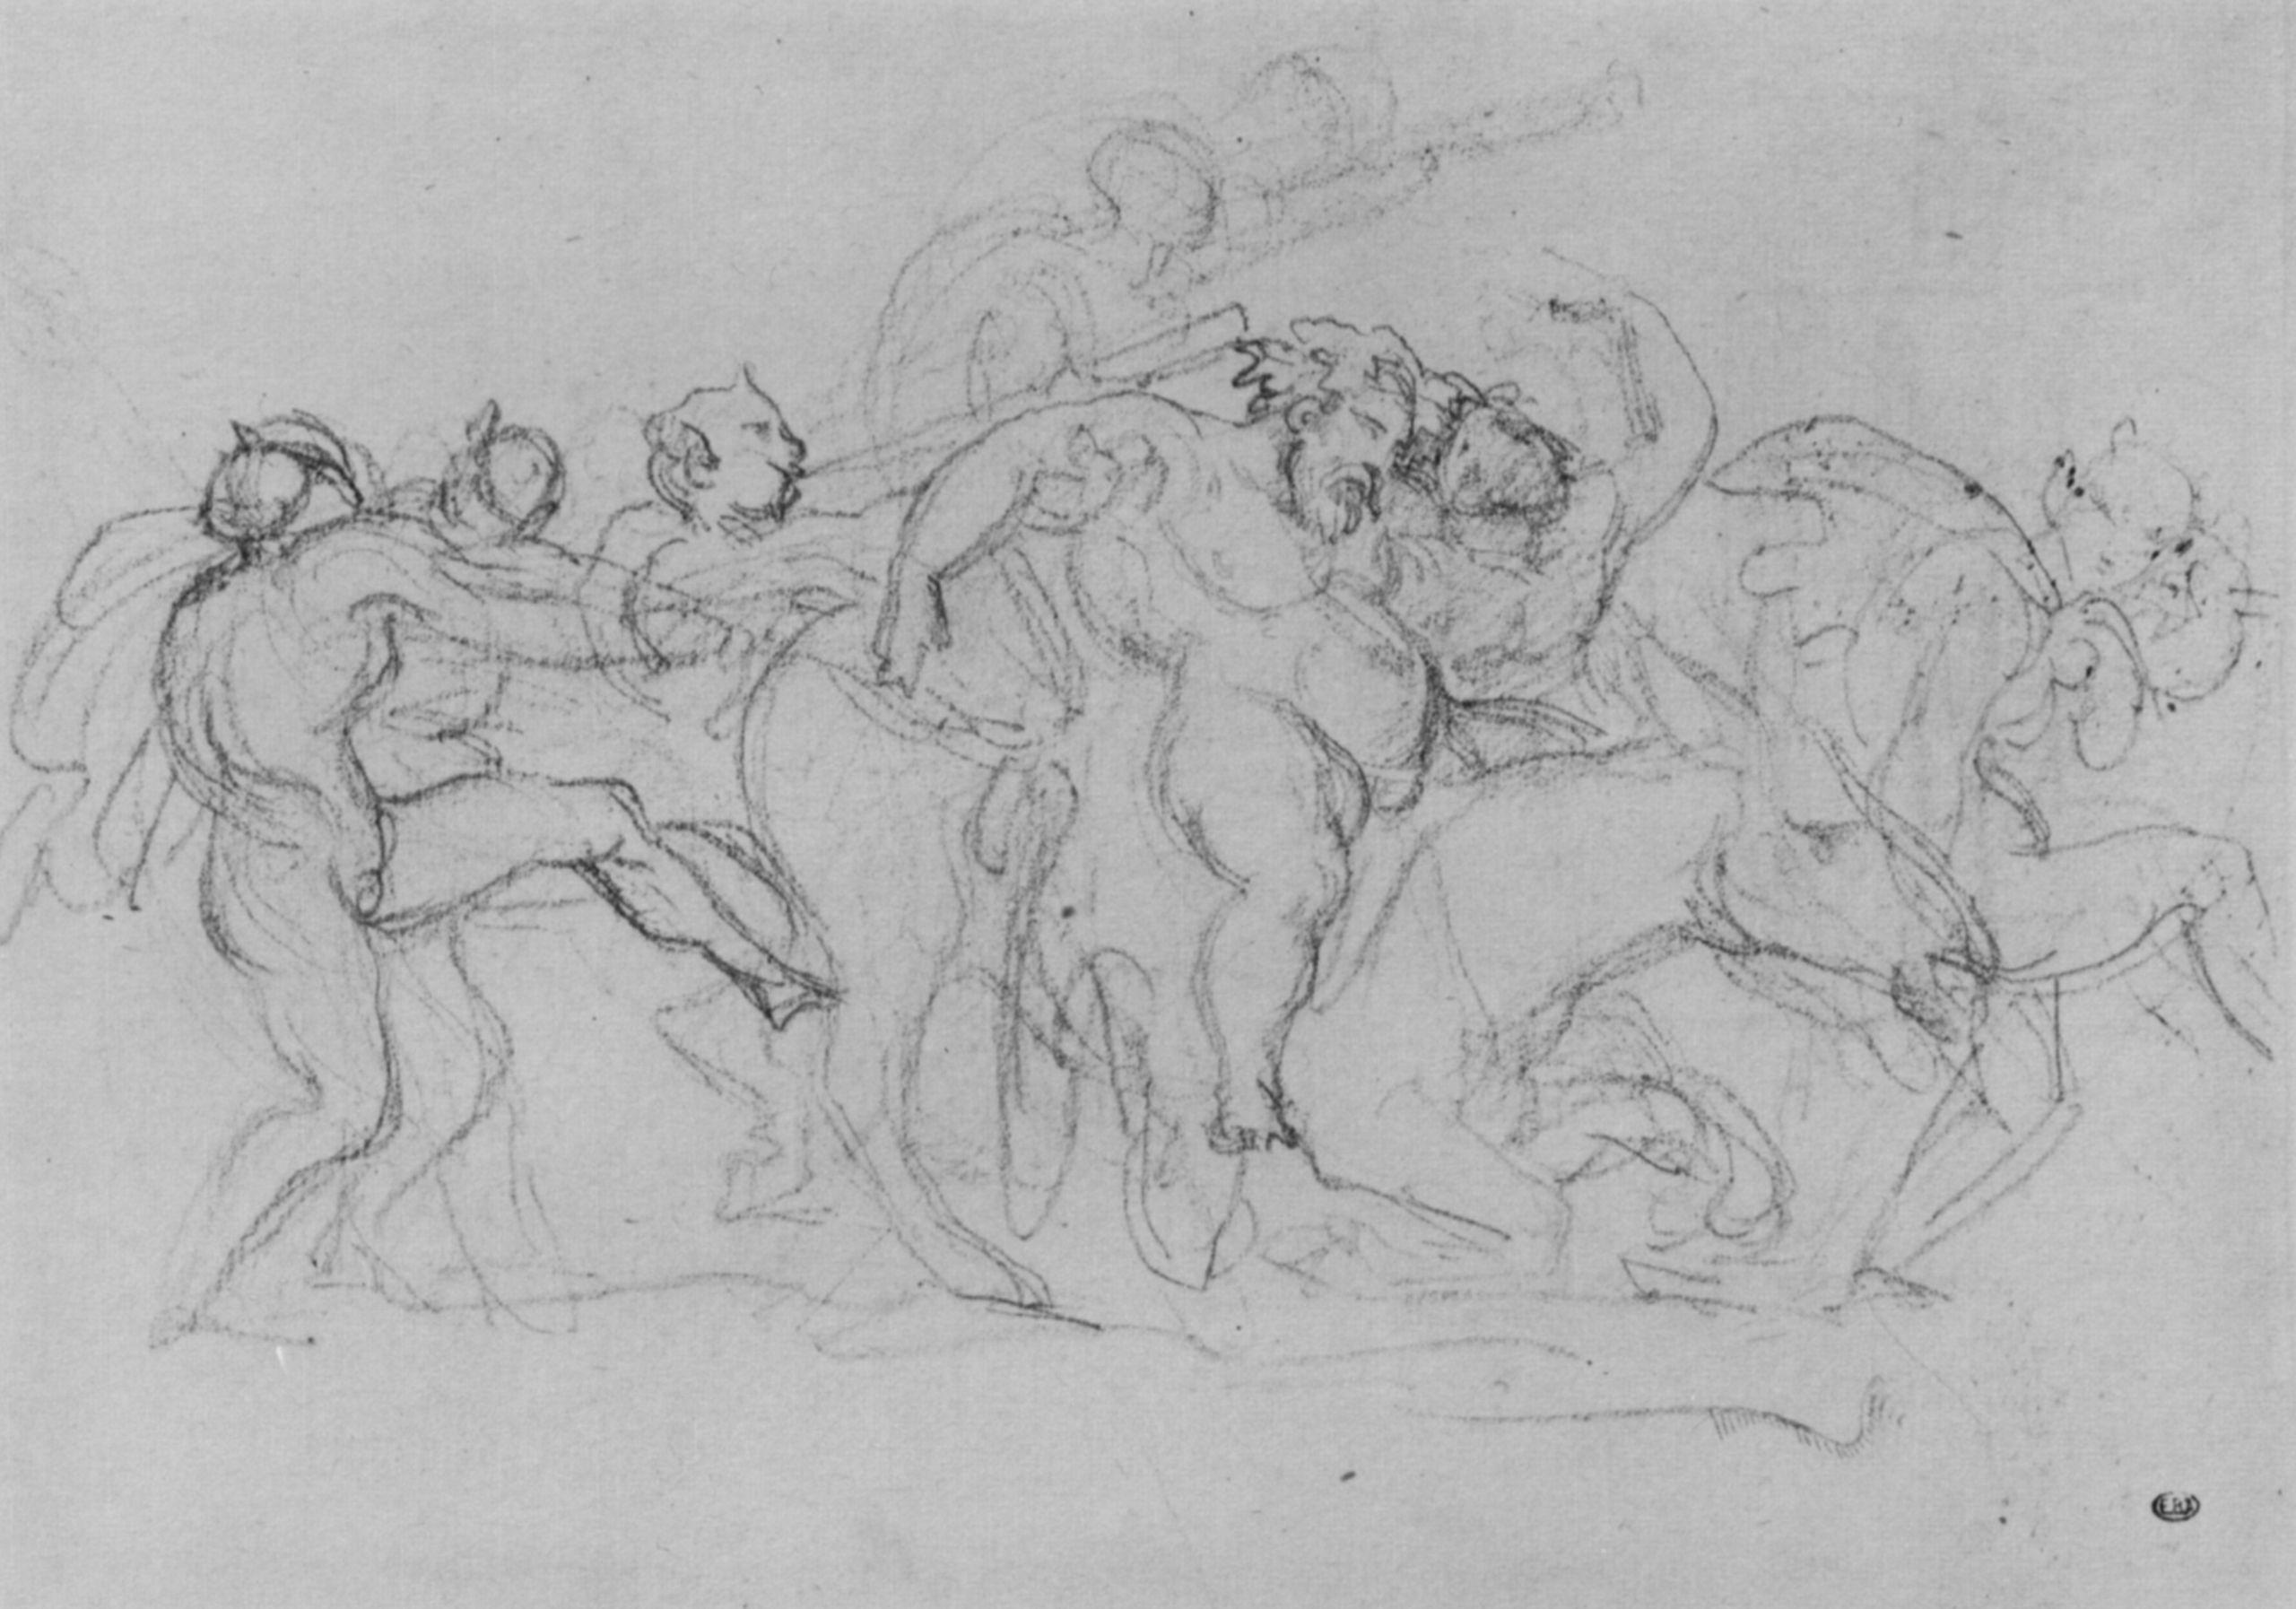 Géricault, Jean Louis Théodore: Der Zug der Silenen Theodore G��ricault